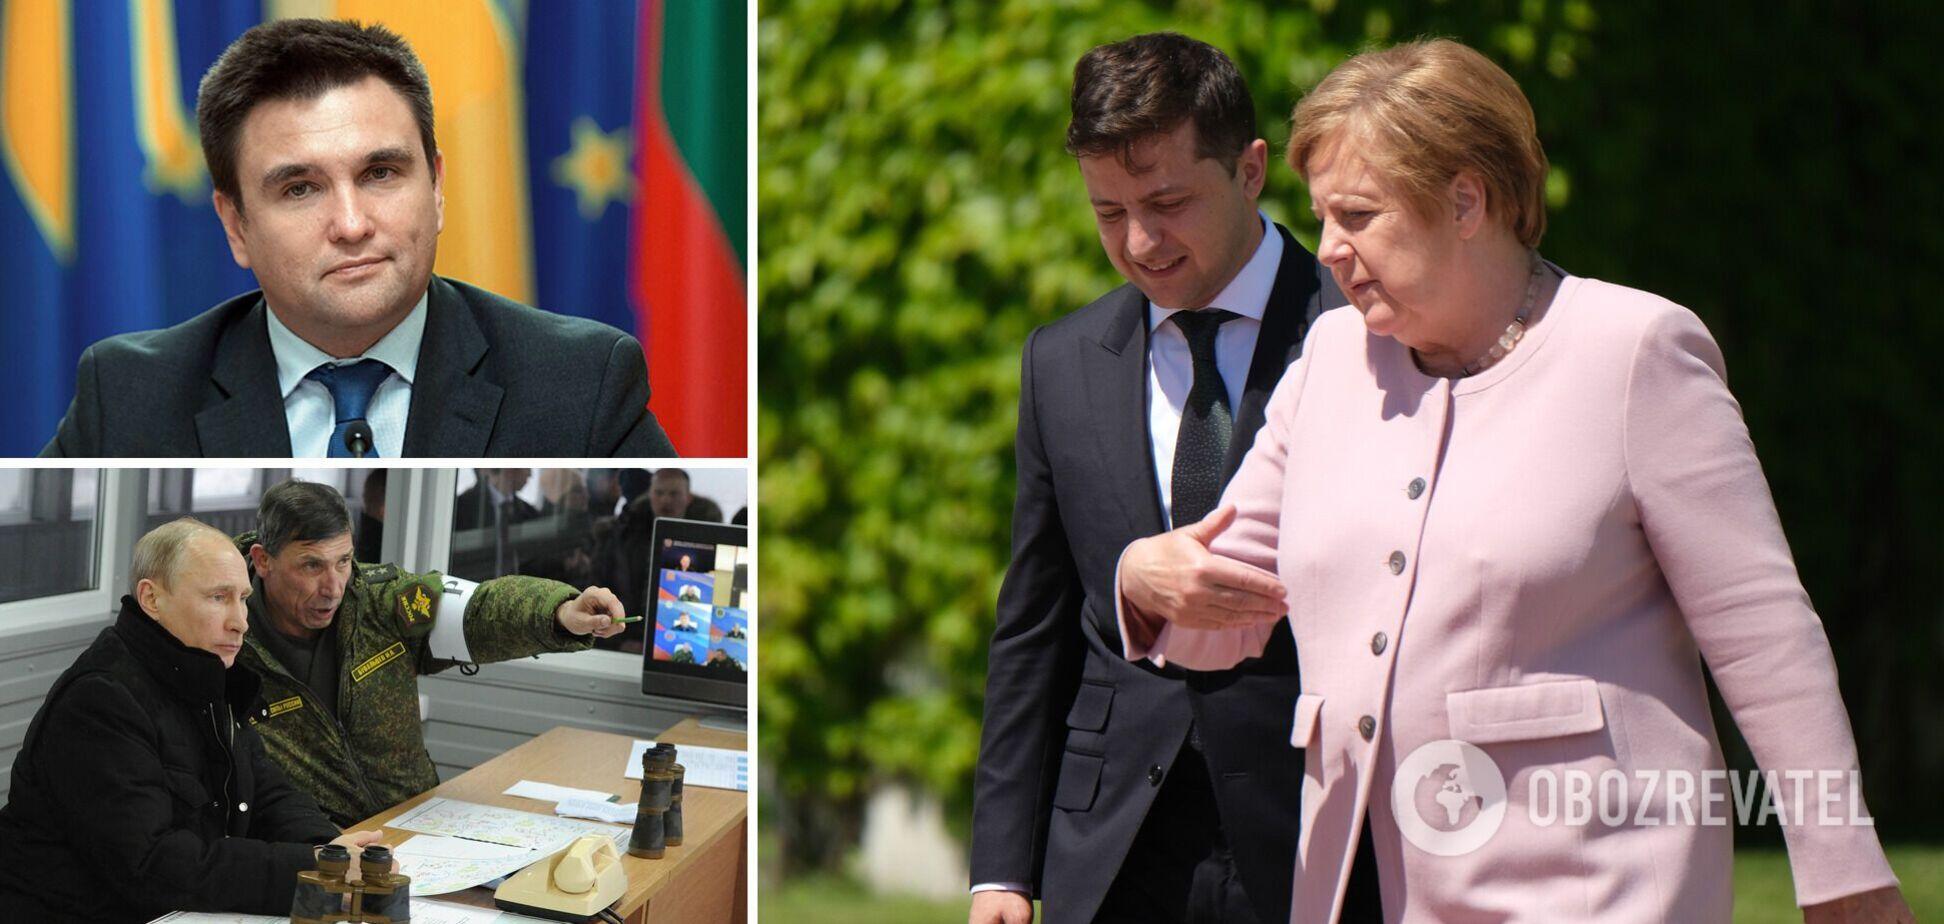 Зустріч із Меркель становить загрозу? Клімкін розкрив нову небезпеку для України. Ексклюзив